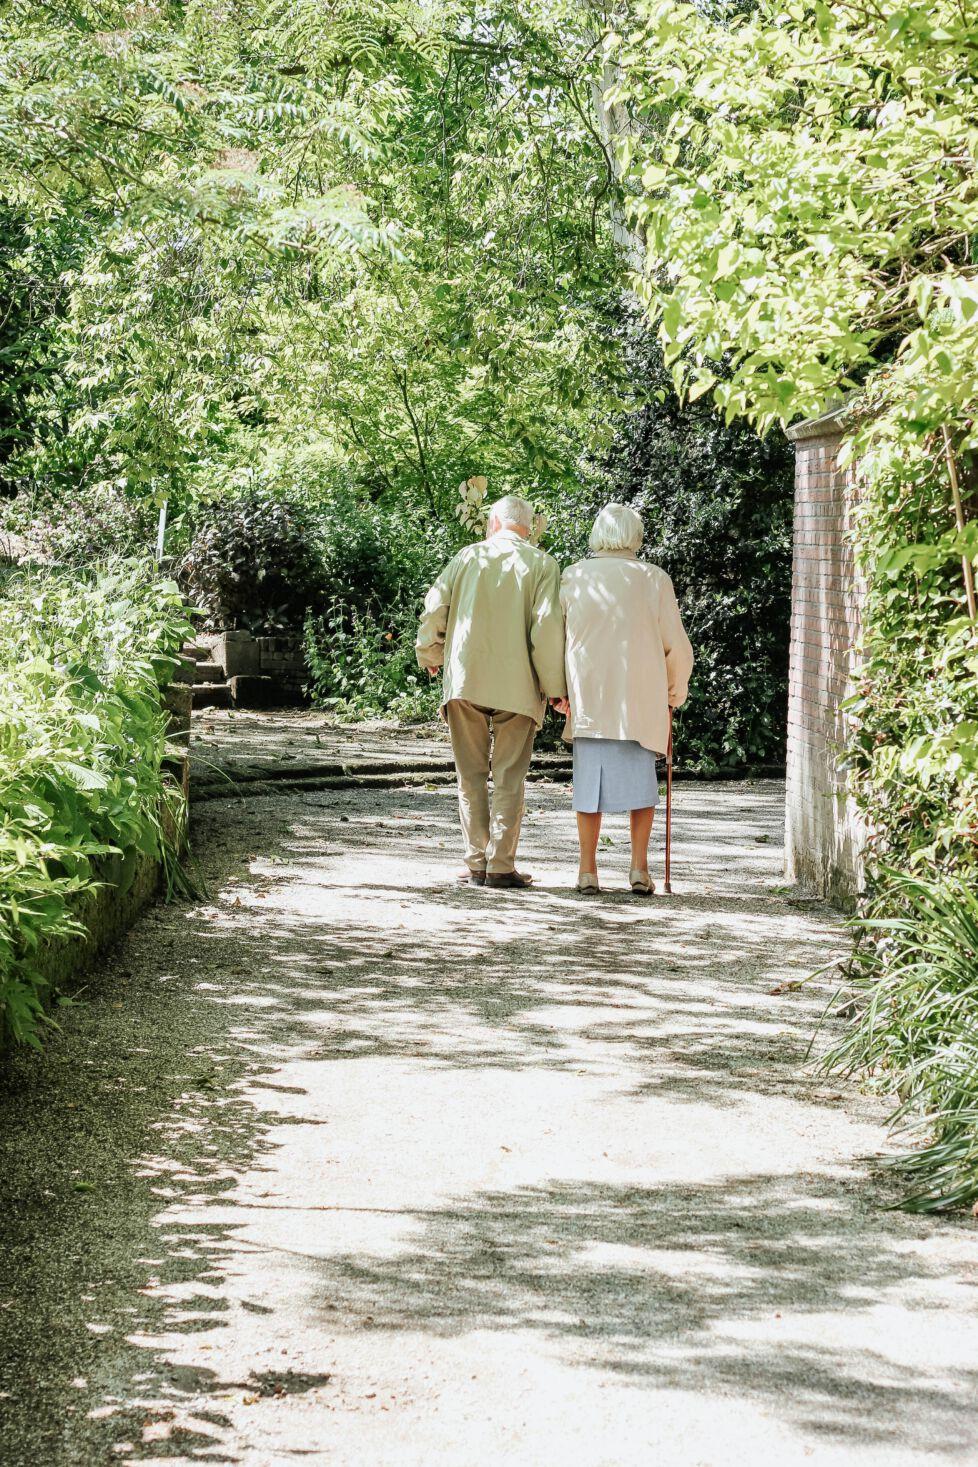 twee oudere mensen aan het wandelen